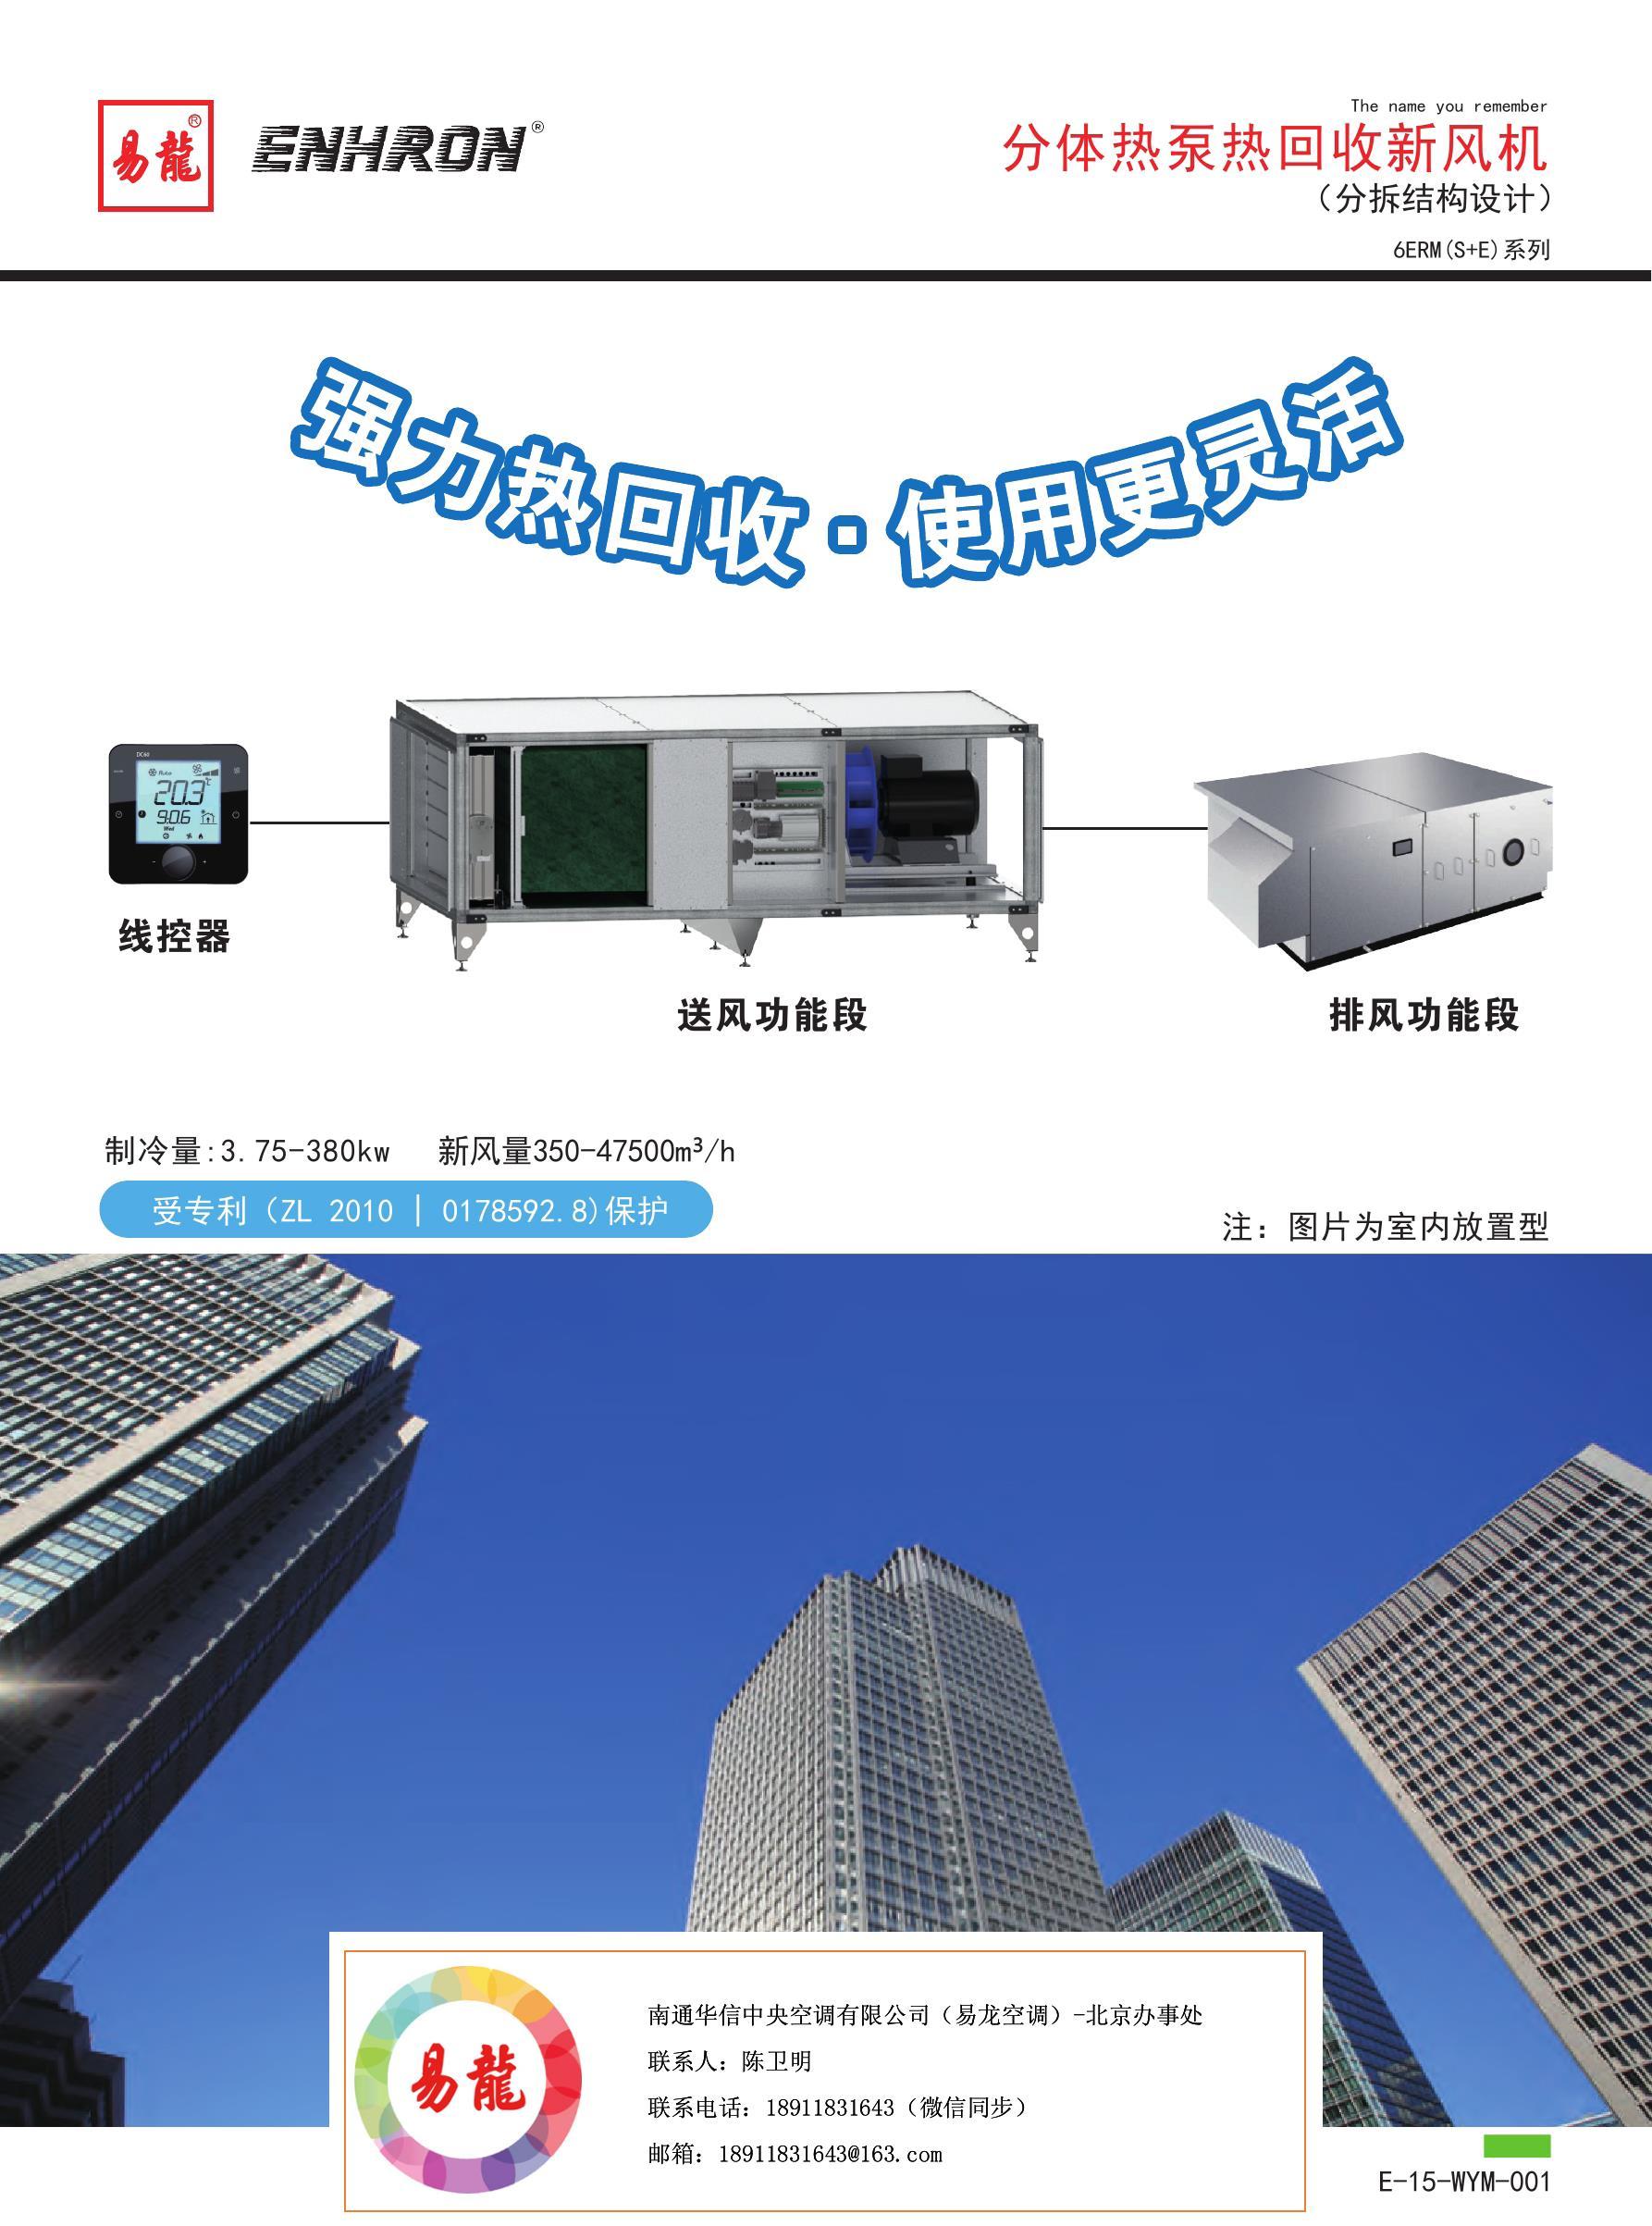 分体热泵热回收新风机(风冷热泵热回收全新风空调机)